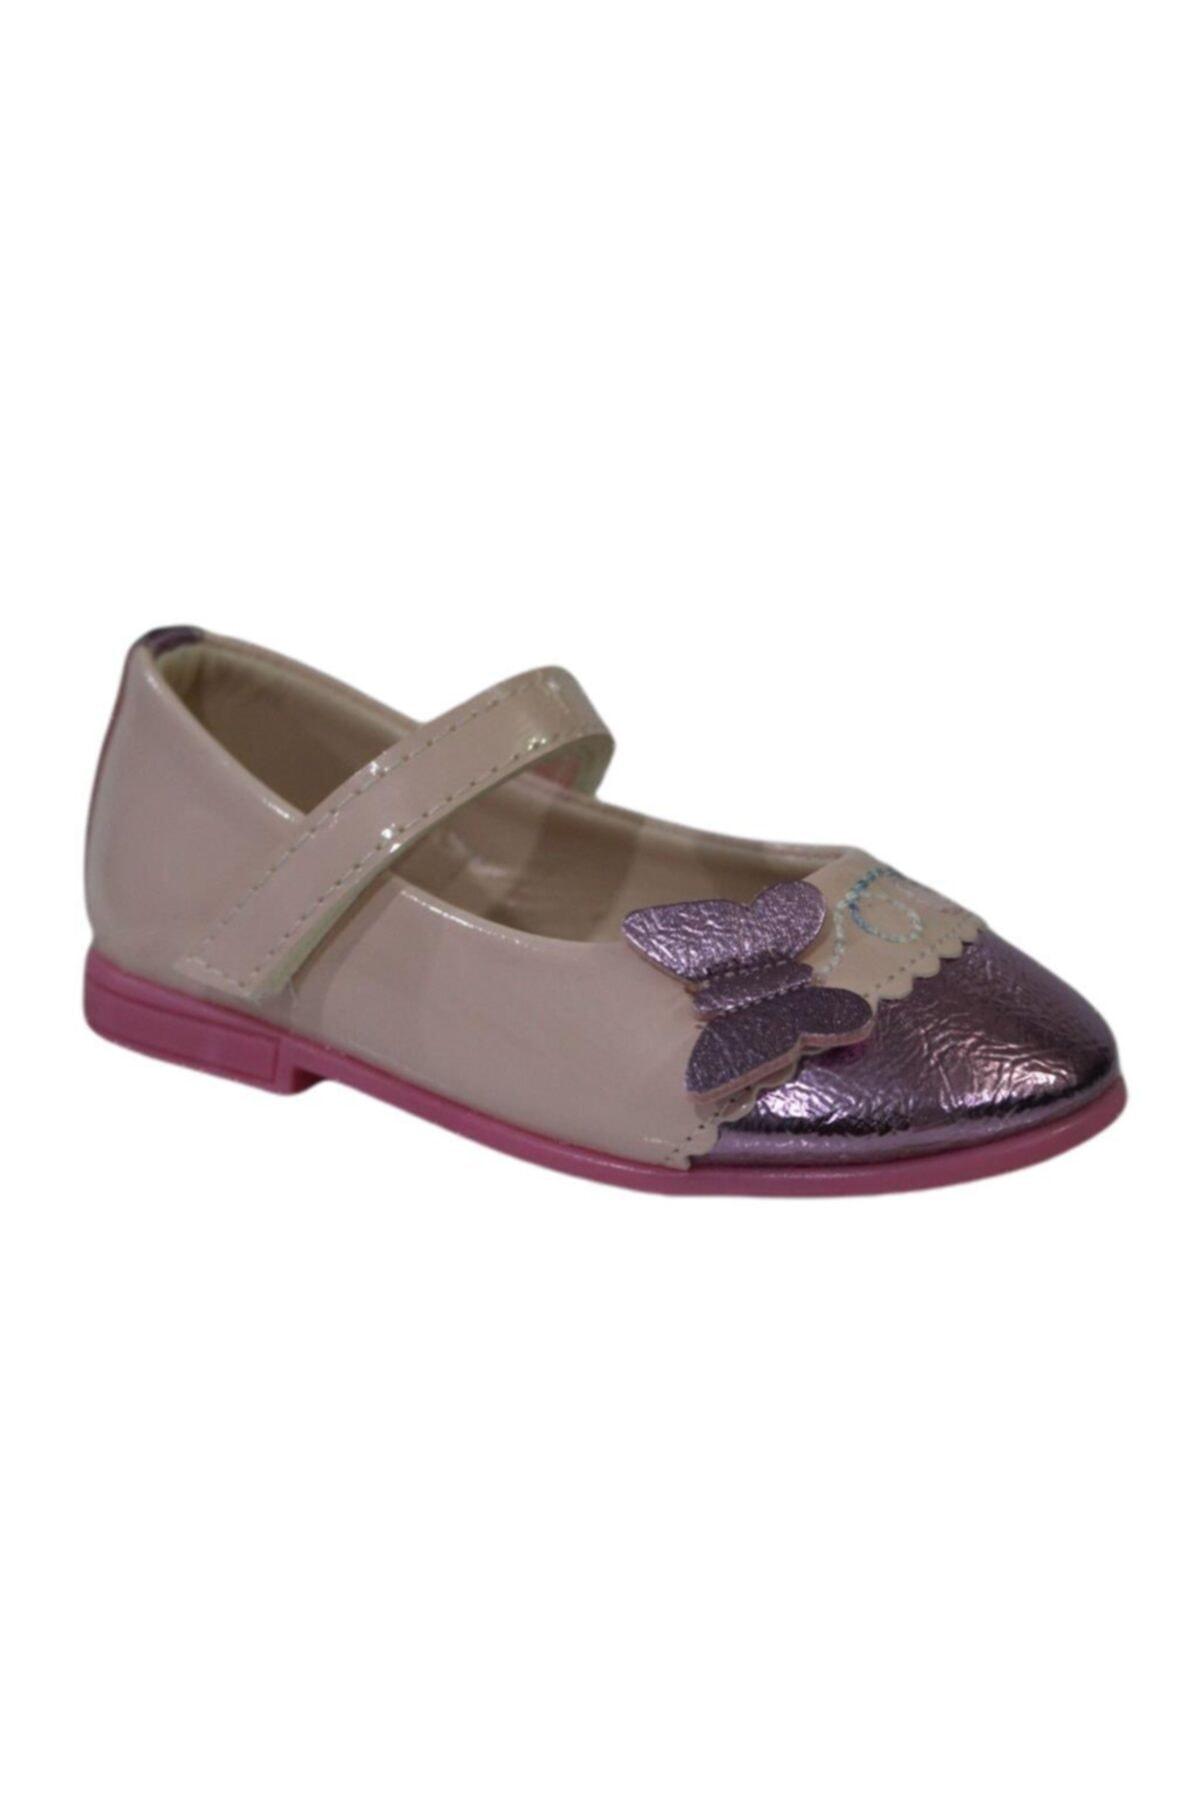 خرید نقدی کفش تخت بچه گانه دخترانه فانتزی برند Polaris رنگ صورتی ty65995546